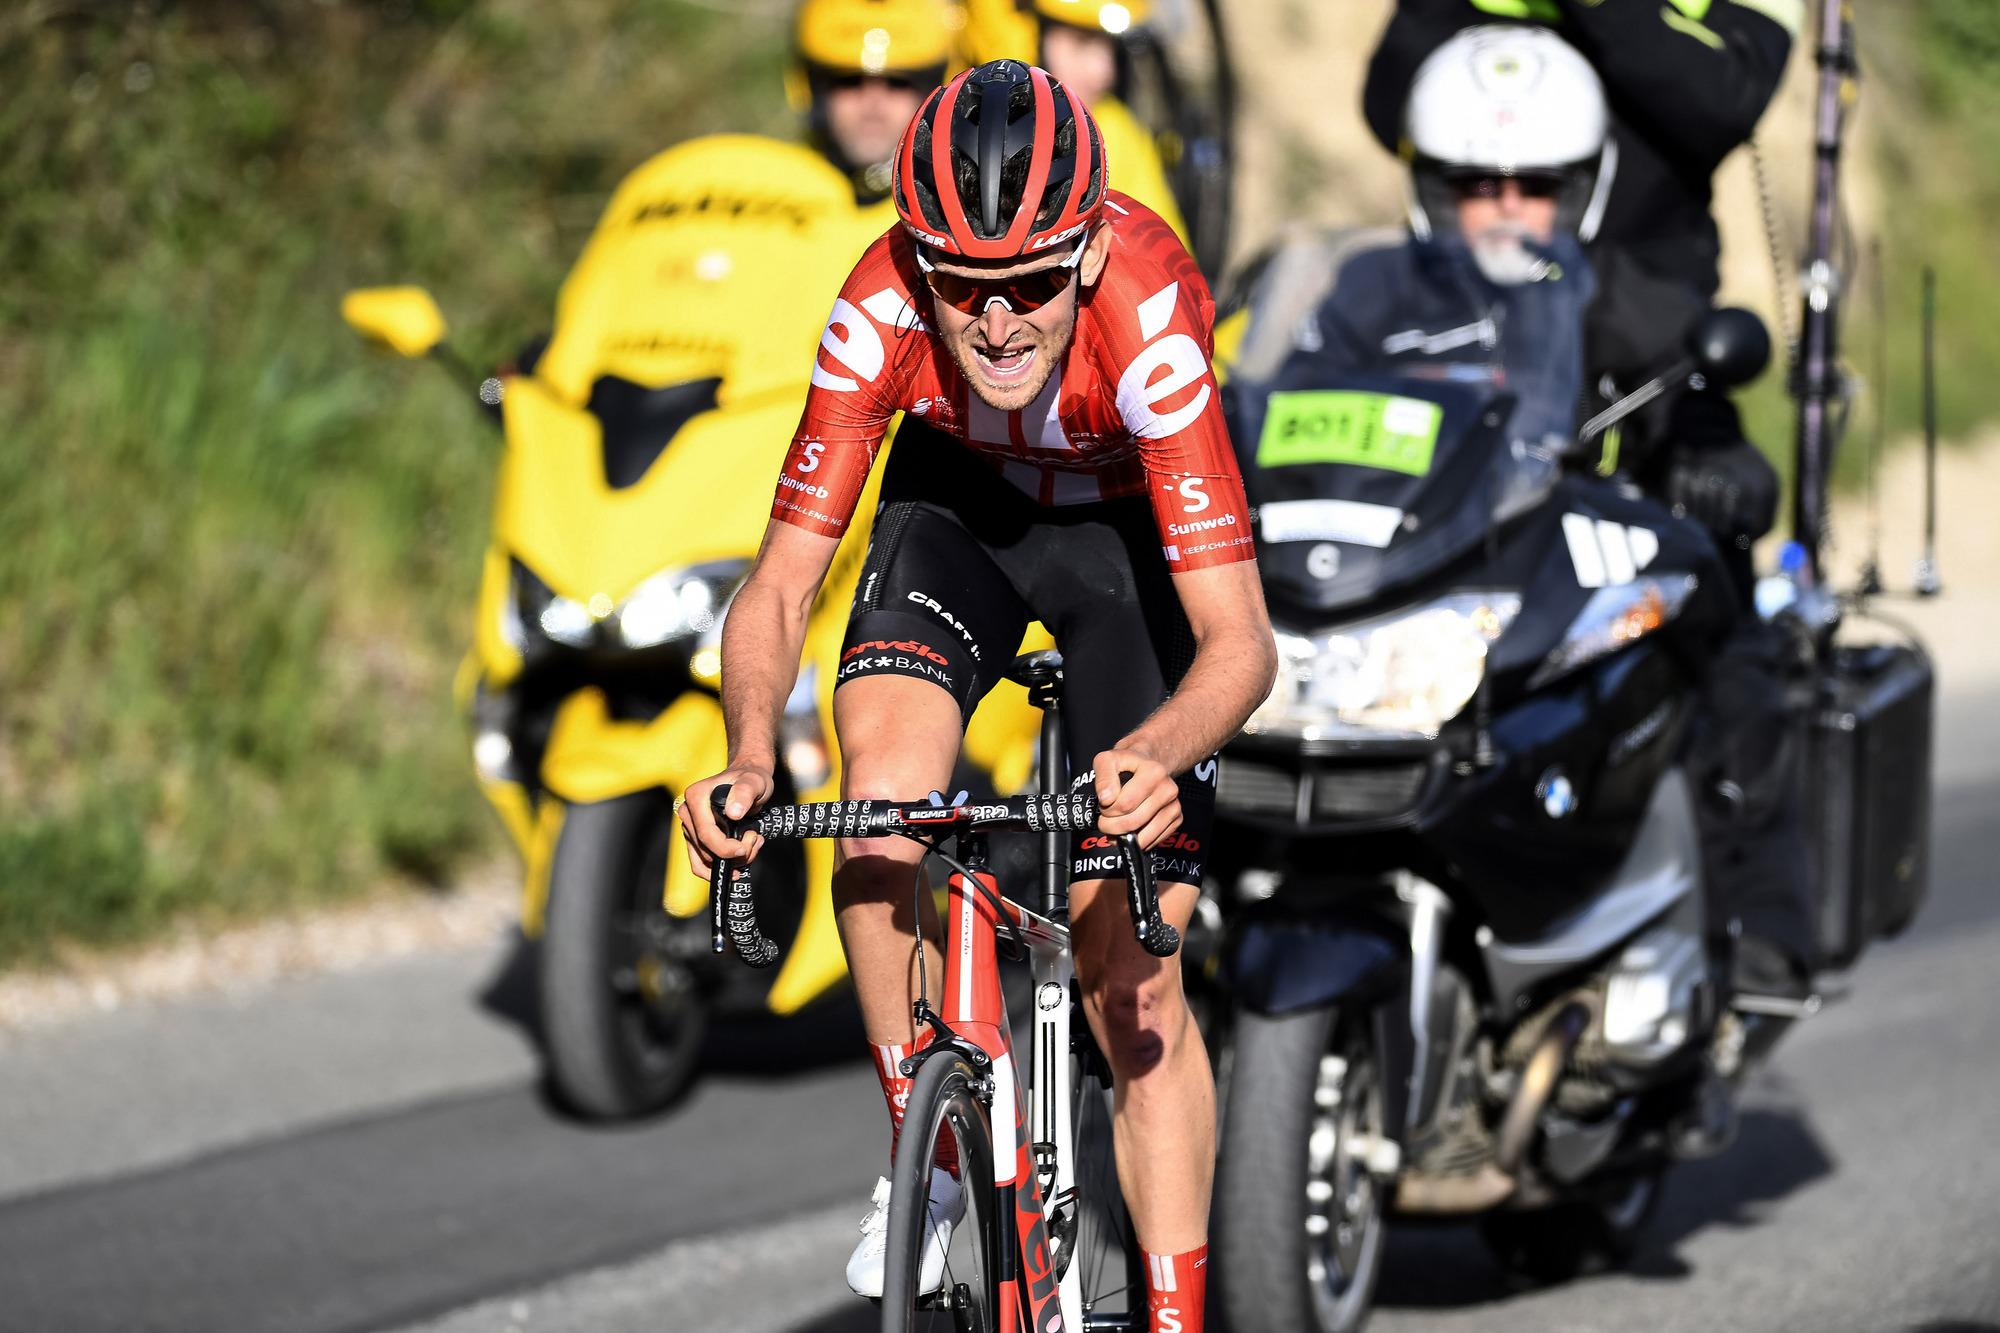 Tiesj Benoot (Sunweb) on the attack in Paris-Nice stage 6